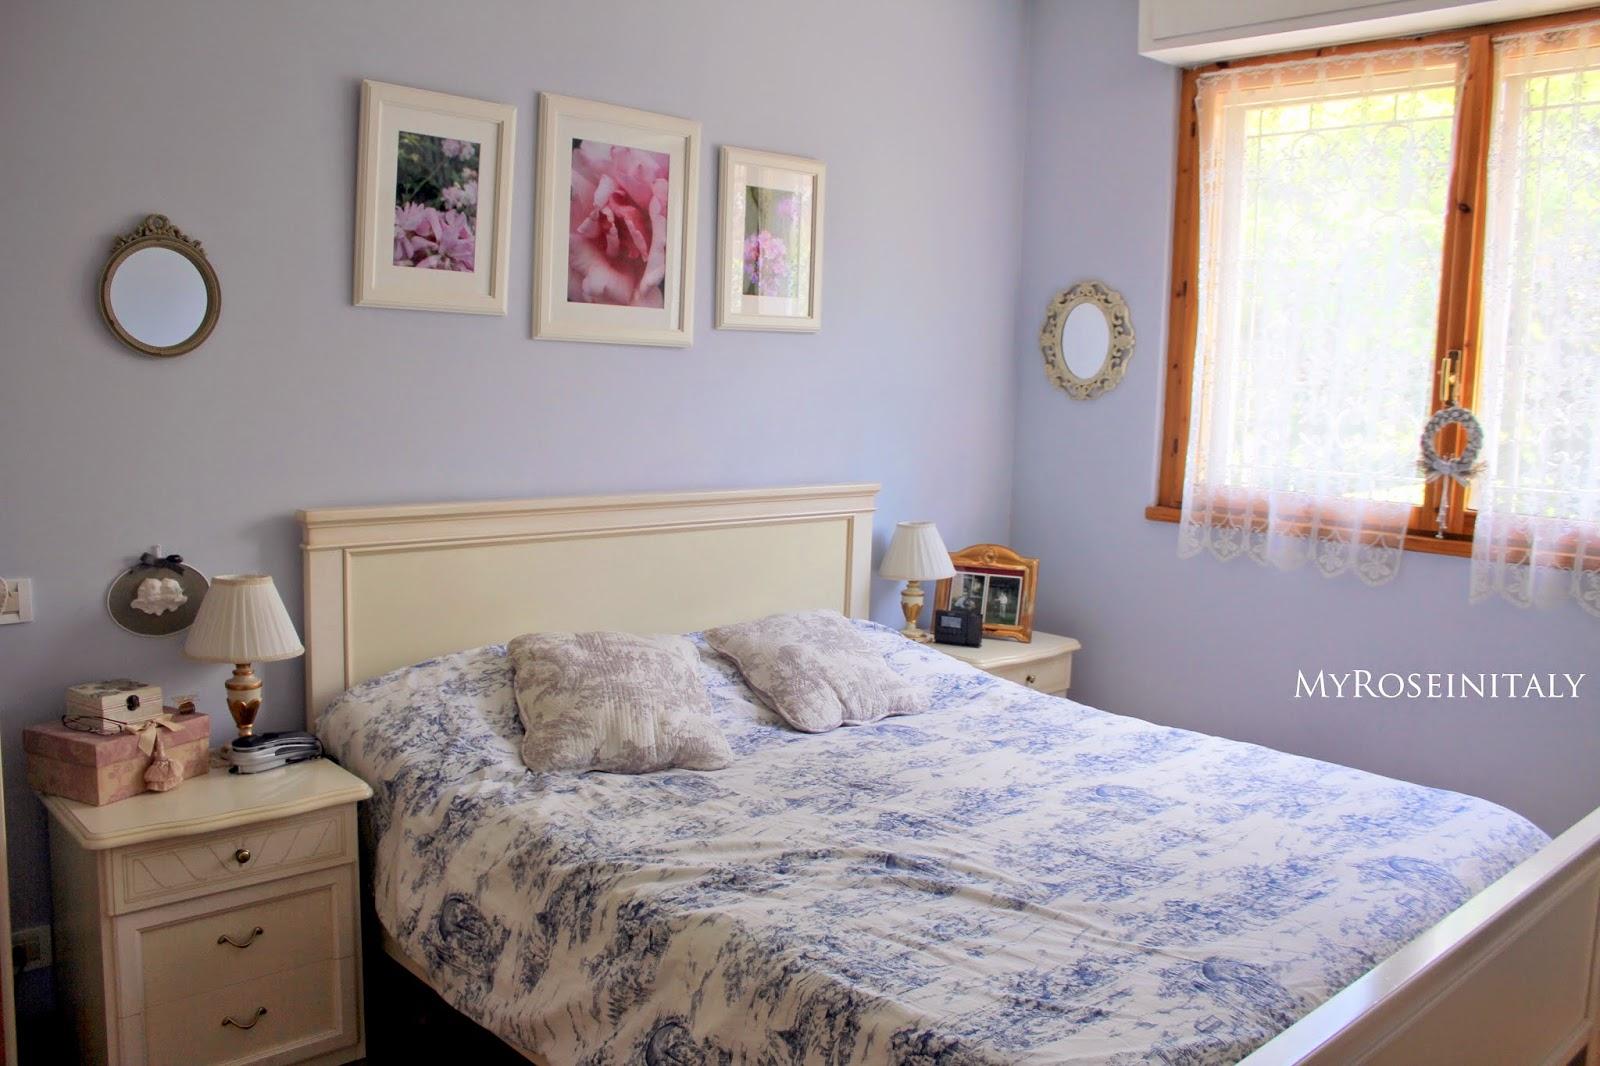 My RoseinItaly: Rinnovare casa: oggi si comincia dalla ...